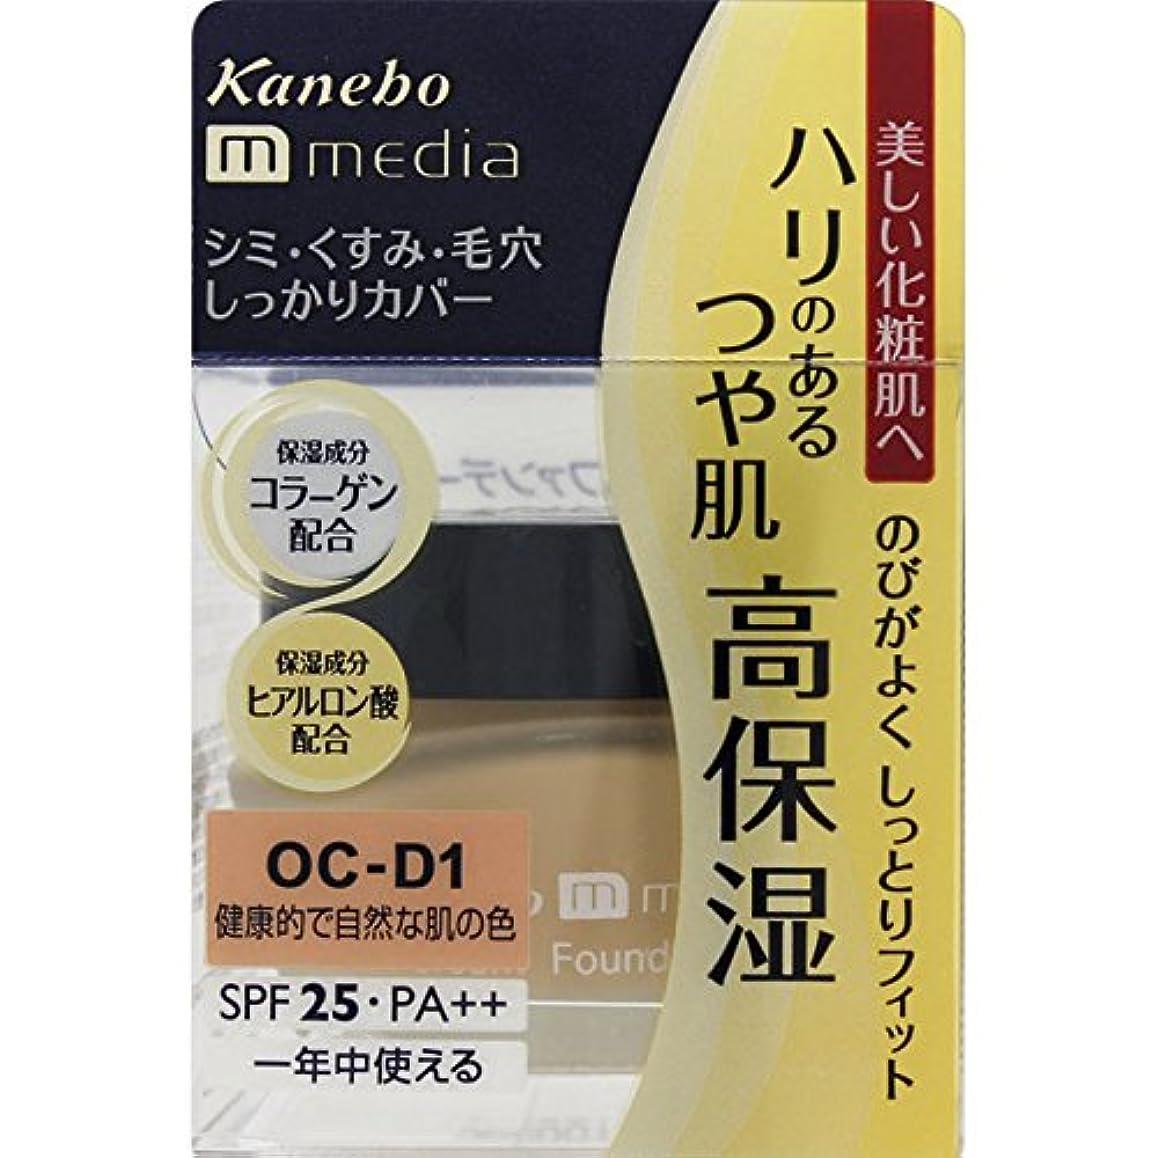 乱れ静かな回想カネボウ化粧品 メディア クリームファンデーション 健康的で自然な肌の色 OC-D1